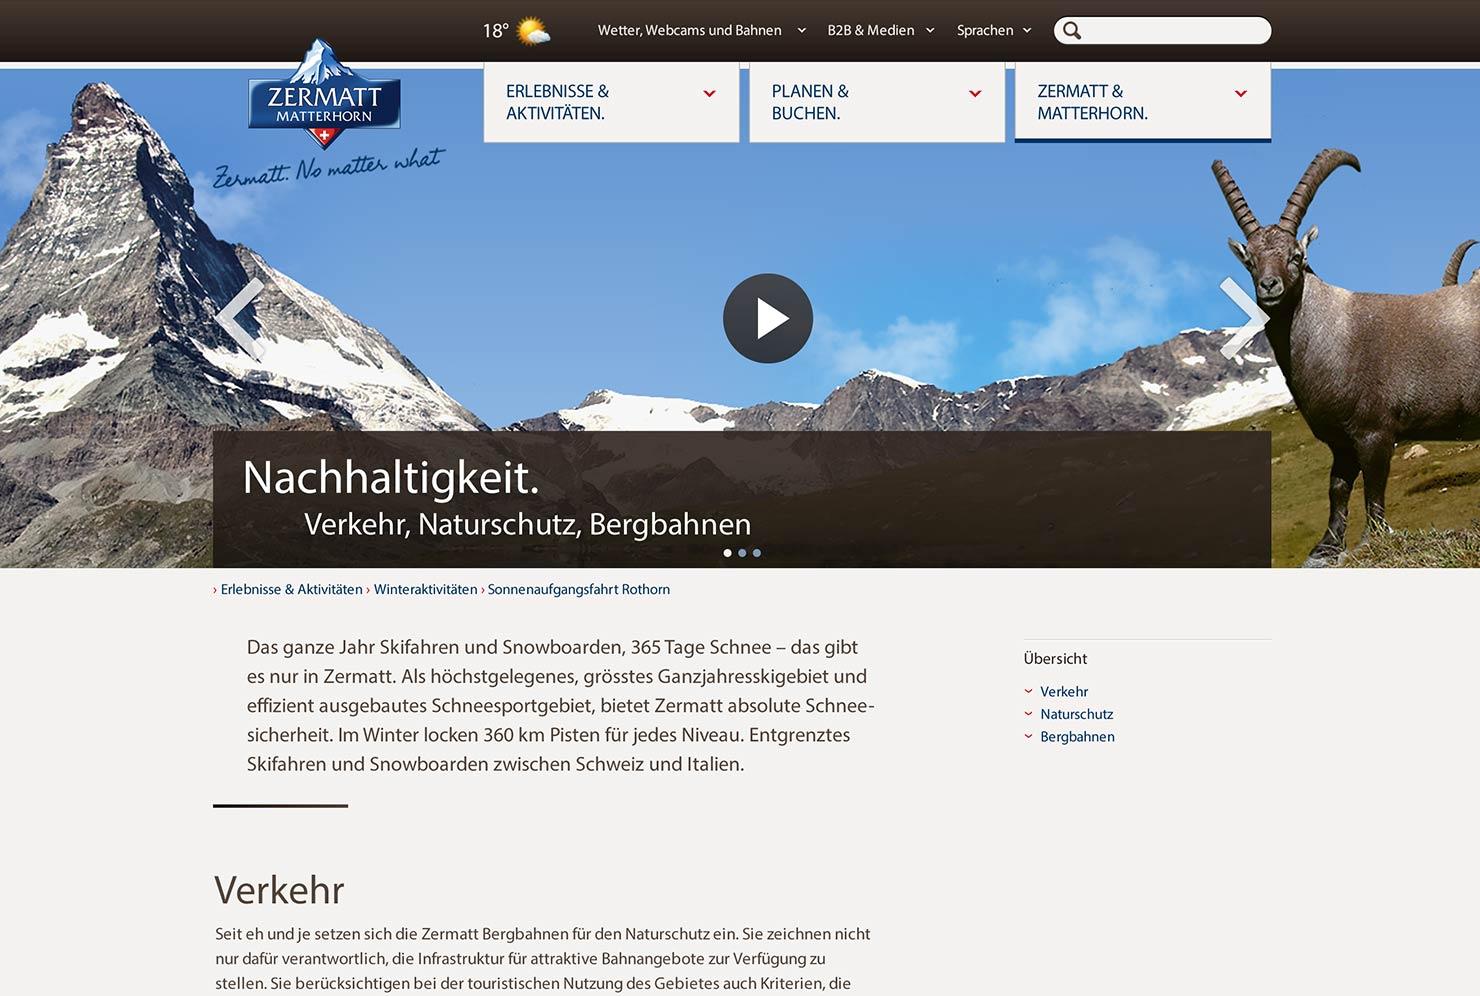 Hilfeseite Tourismus Destination Website slide 3